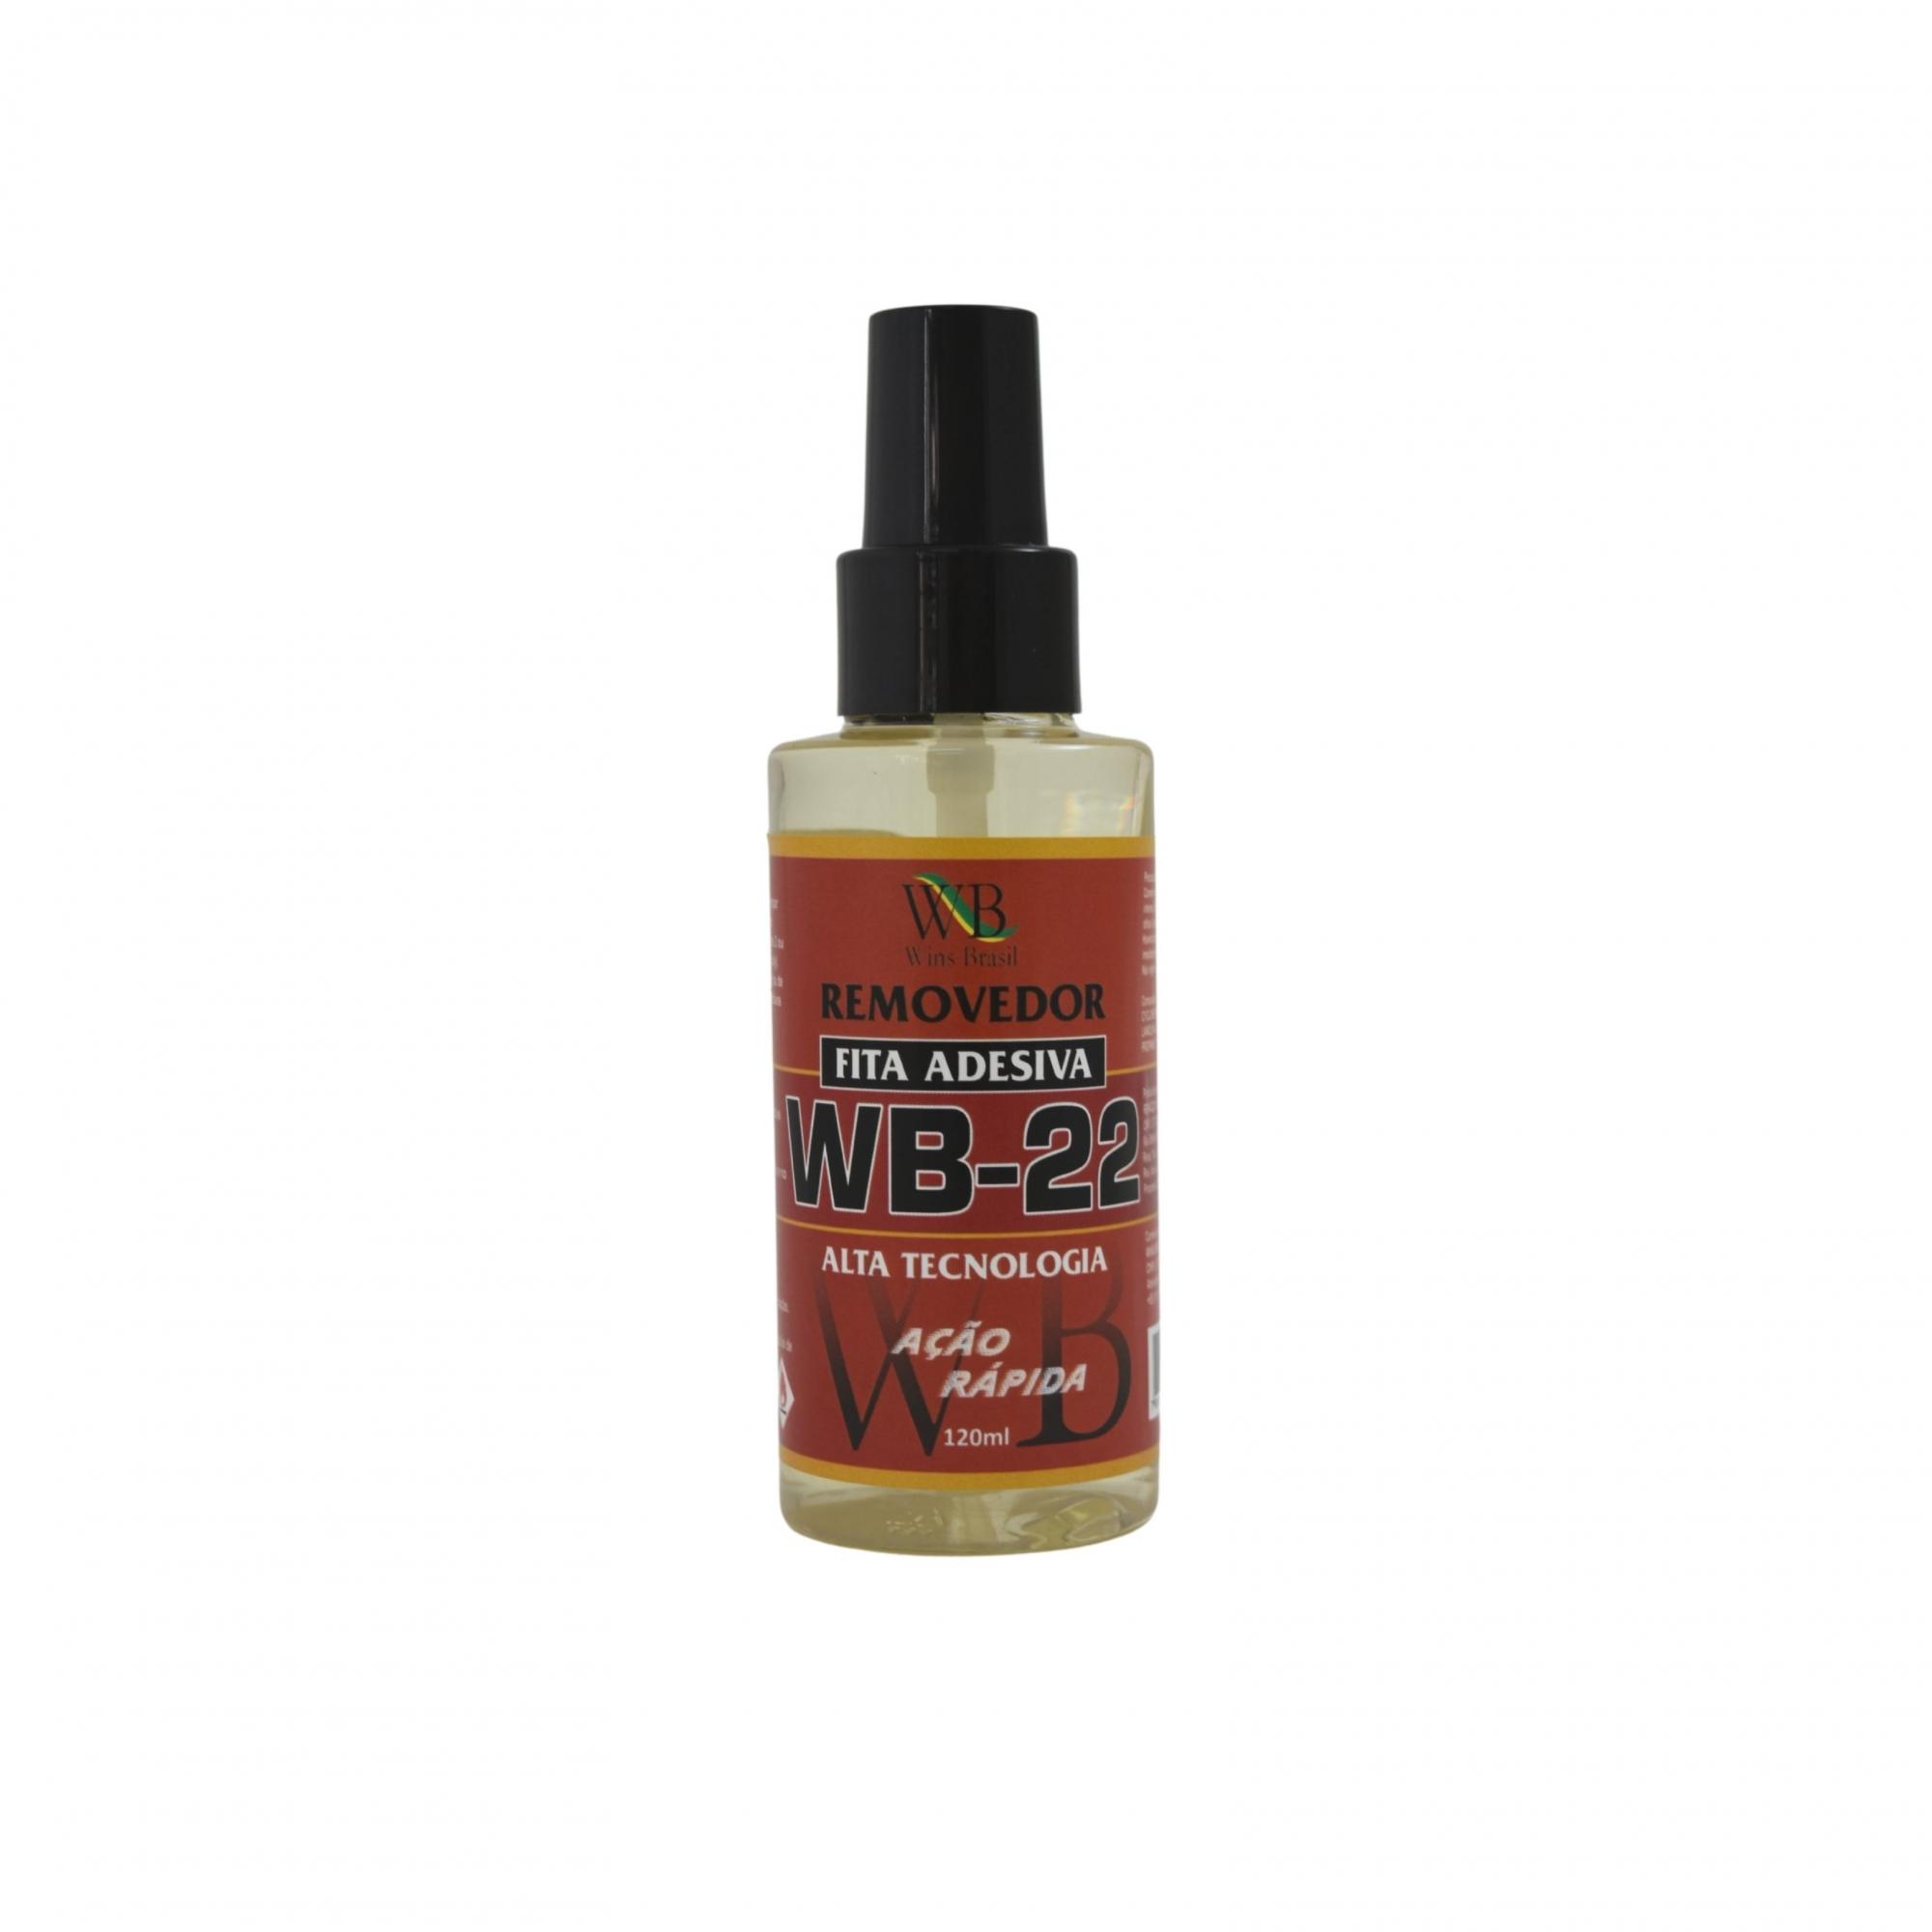 Removedor fita adesiva WB 120 ml